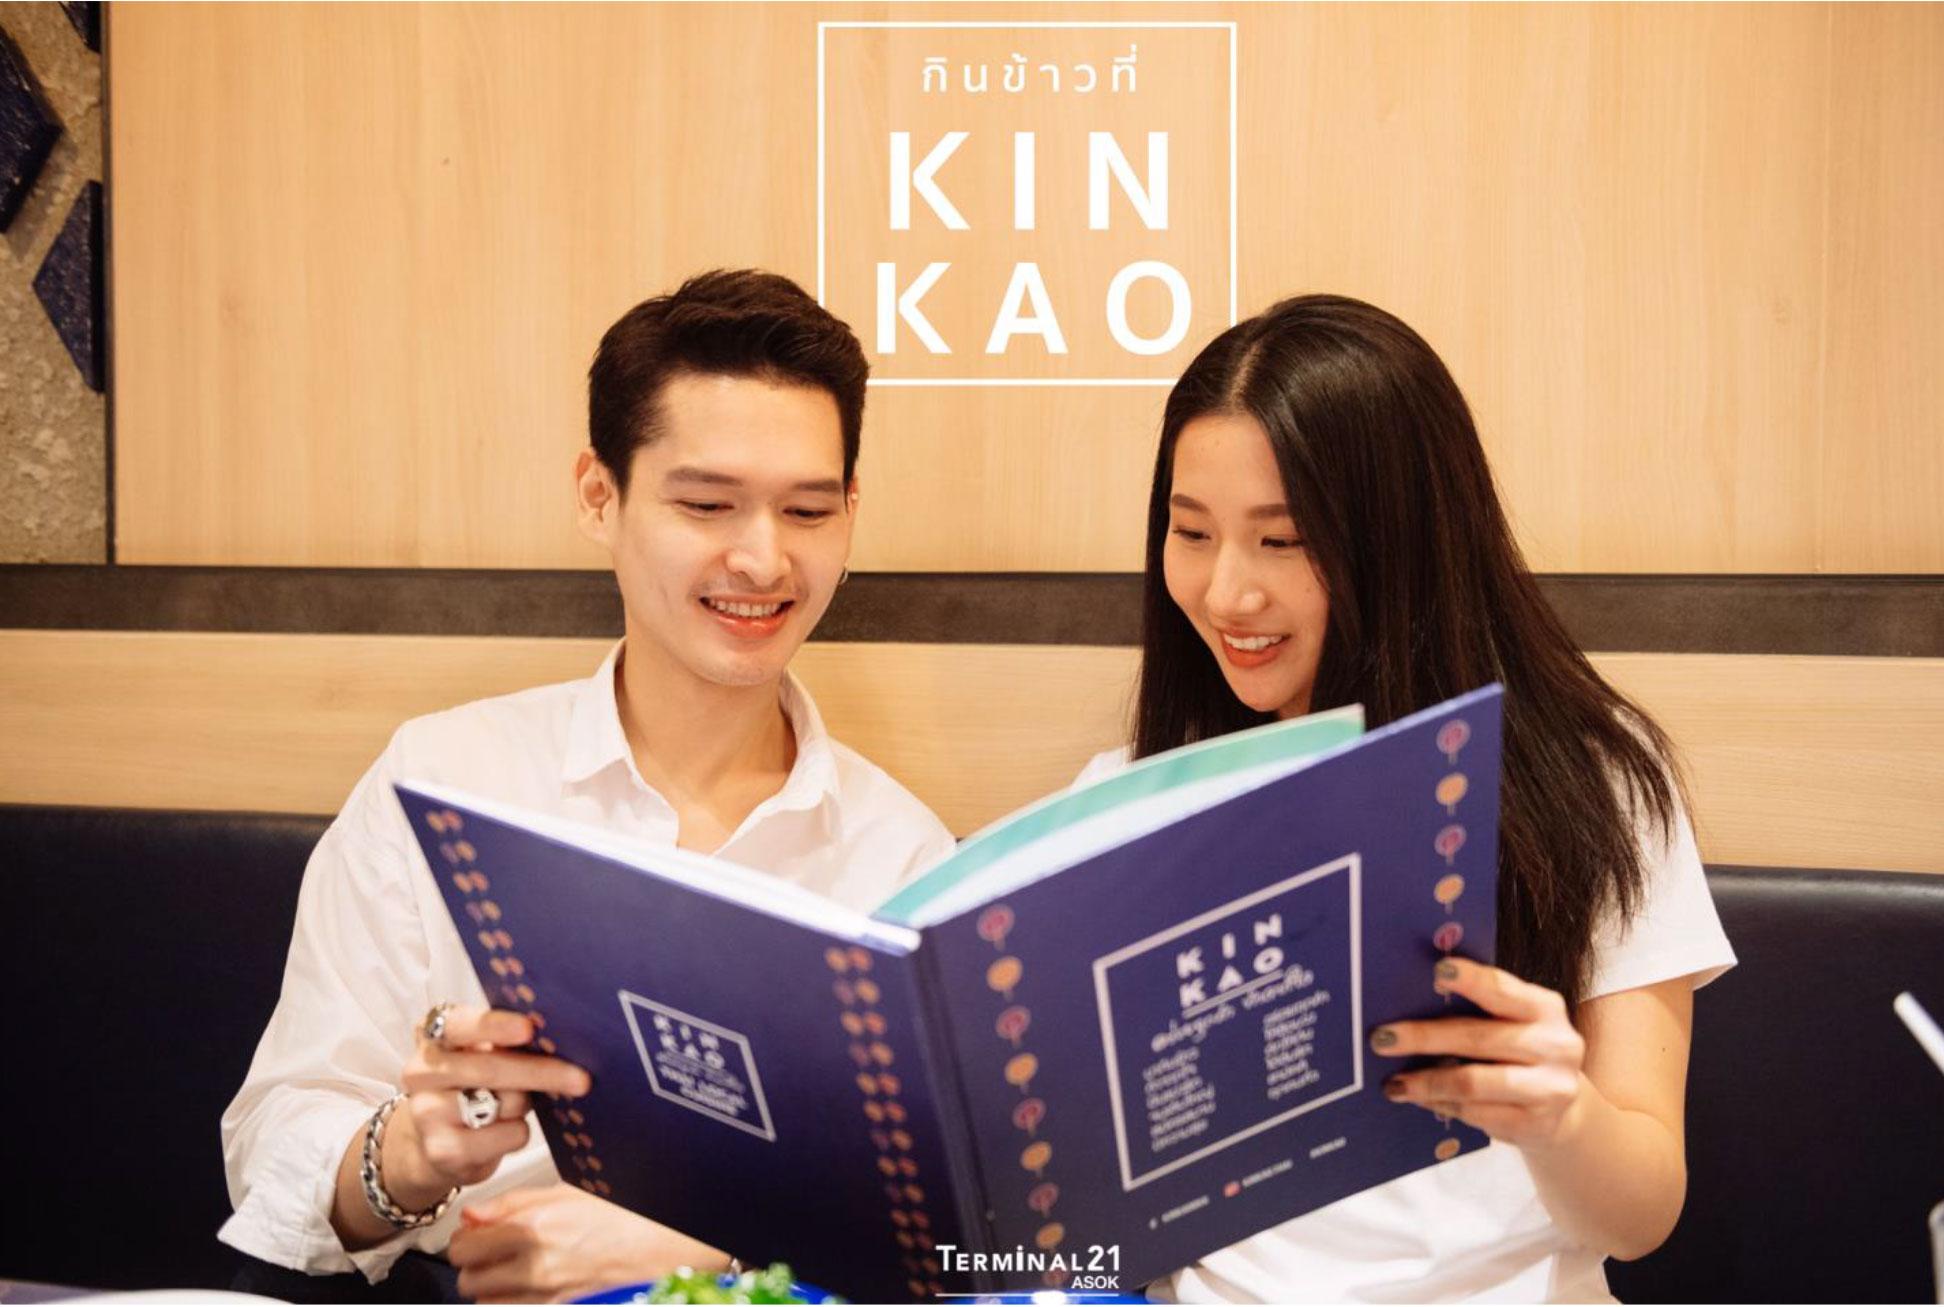 ชวนกินข้าวที่ 'กินข้าว (KINKAO)' อร่อยทุกคำทำจากใจ